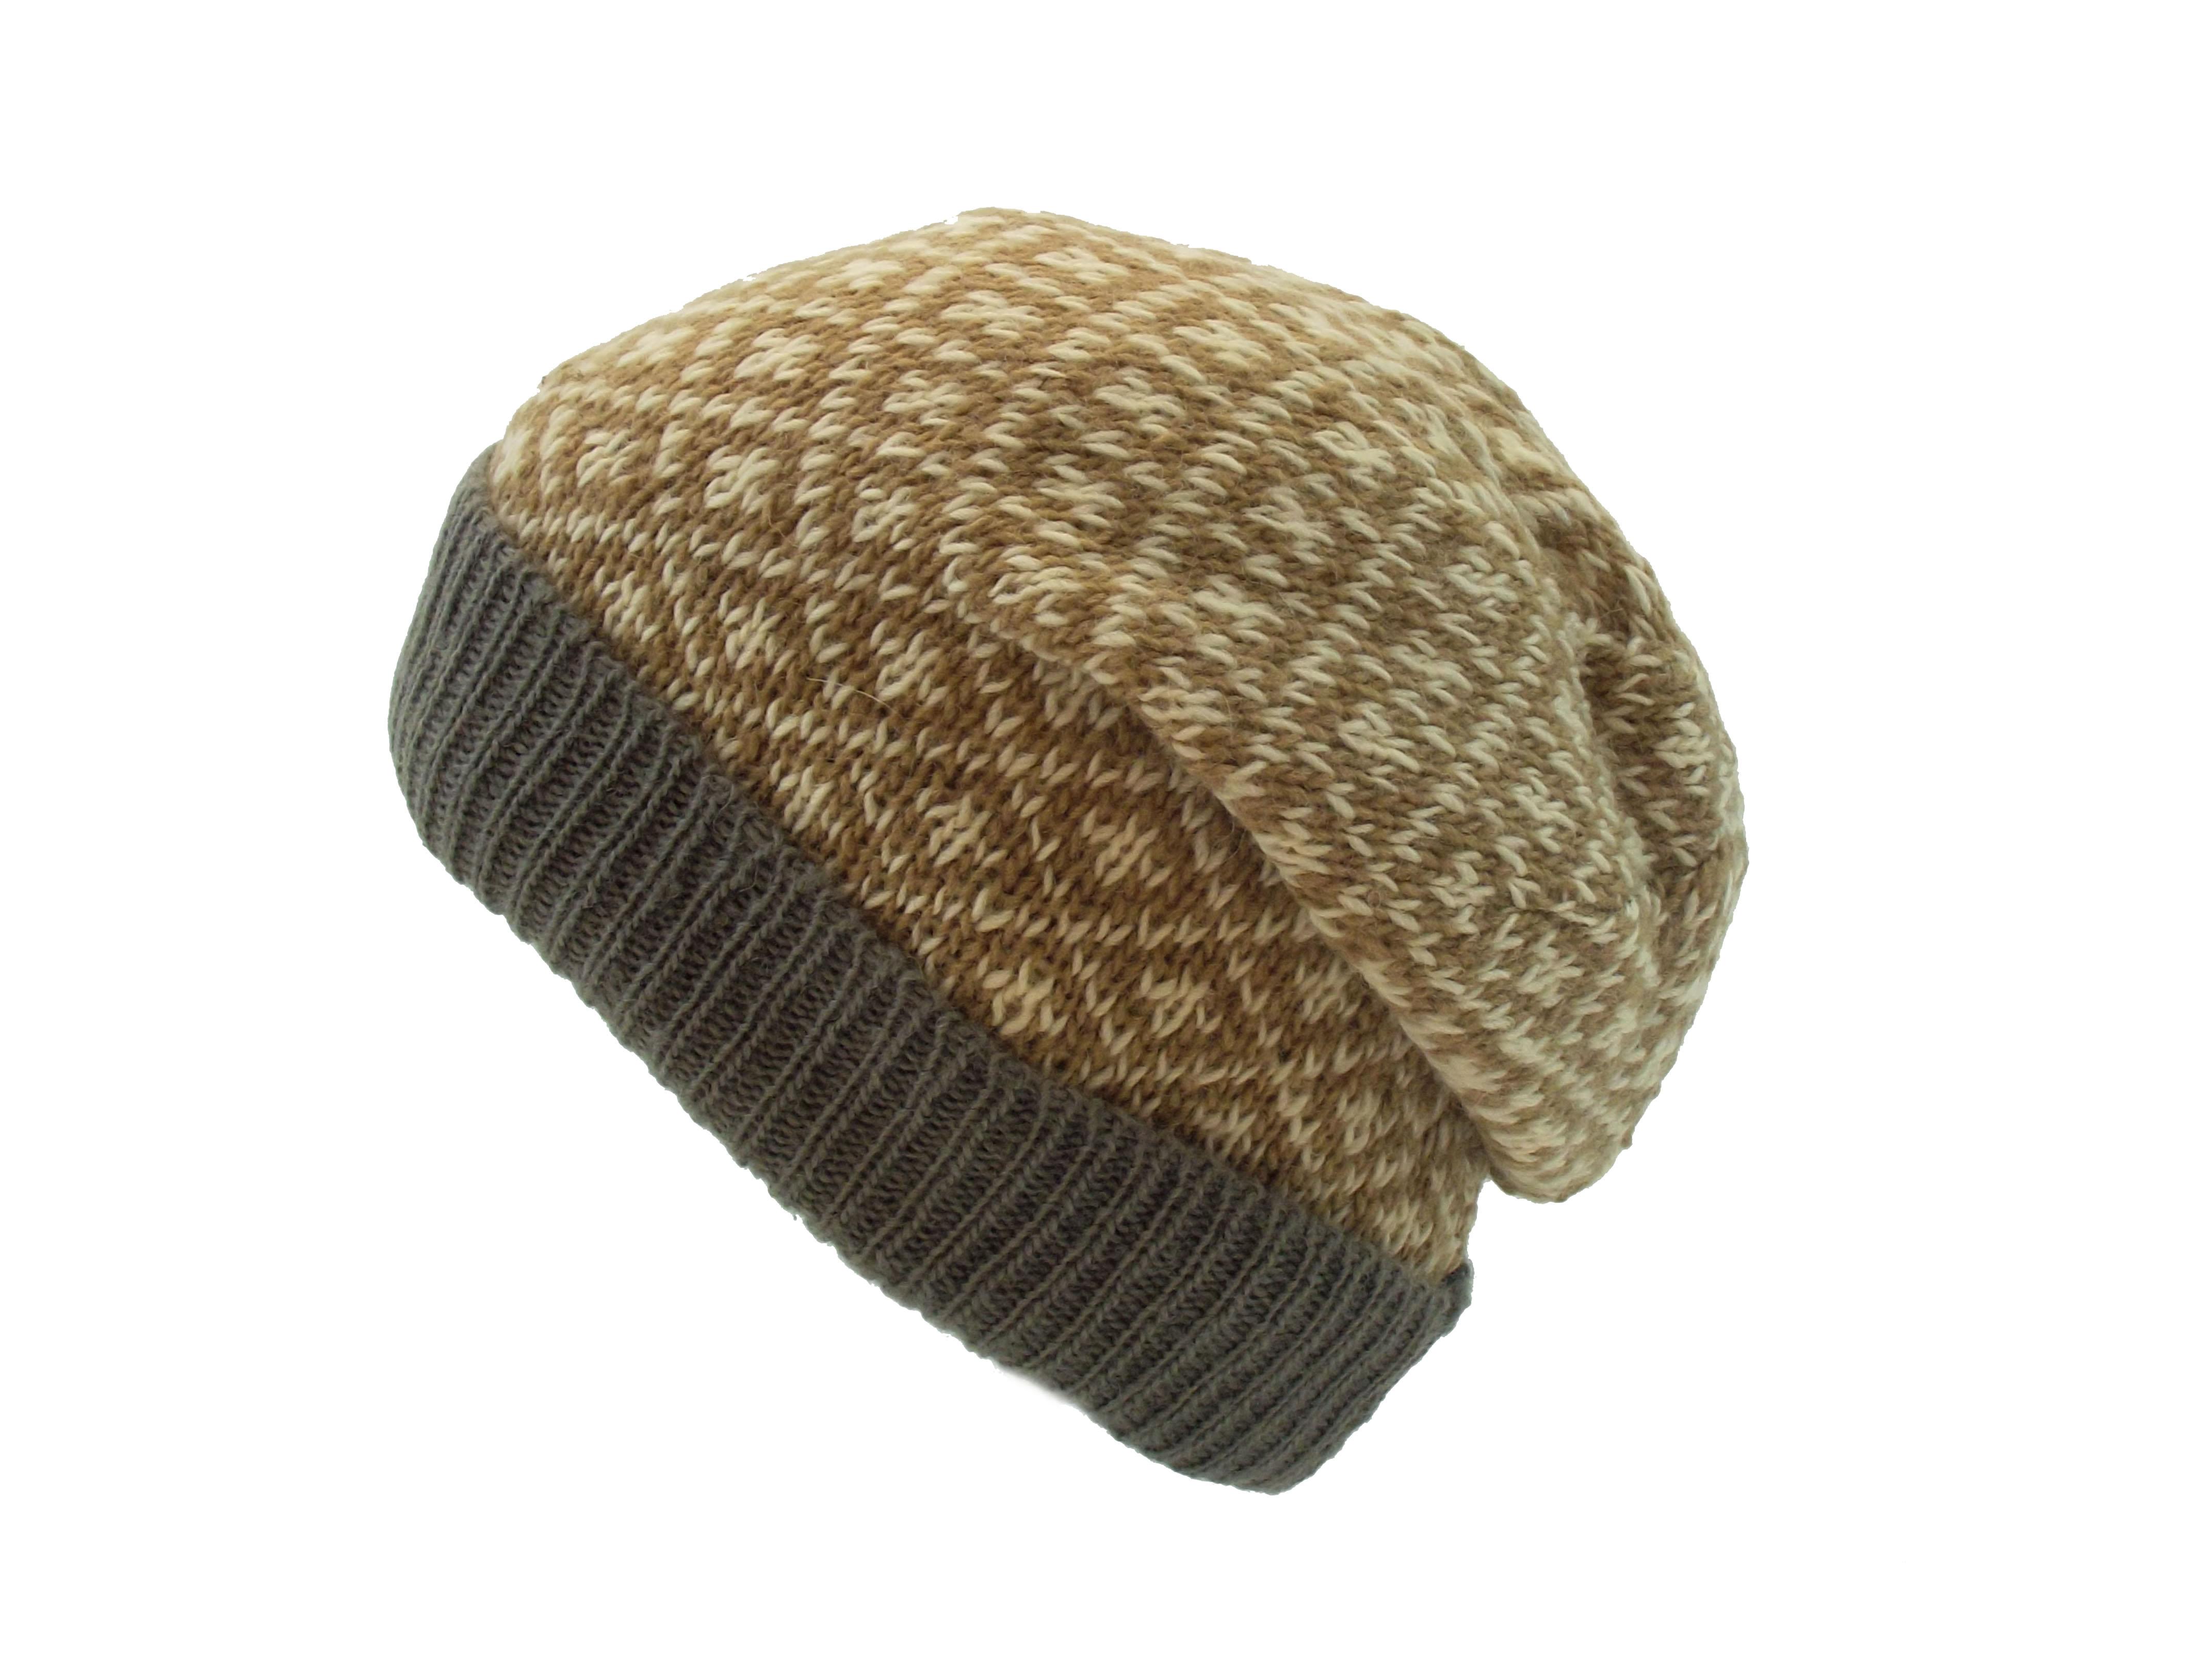 Floppy Beret 4 Count Wool Beige 100% Wool